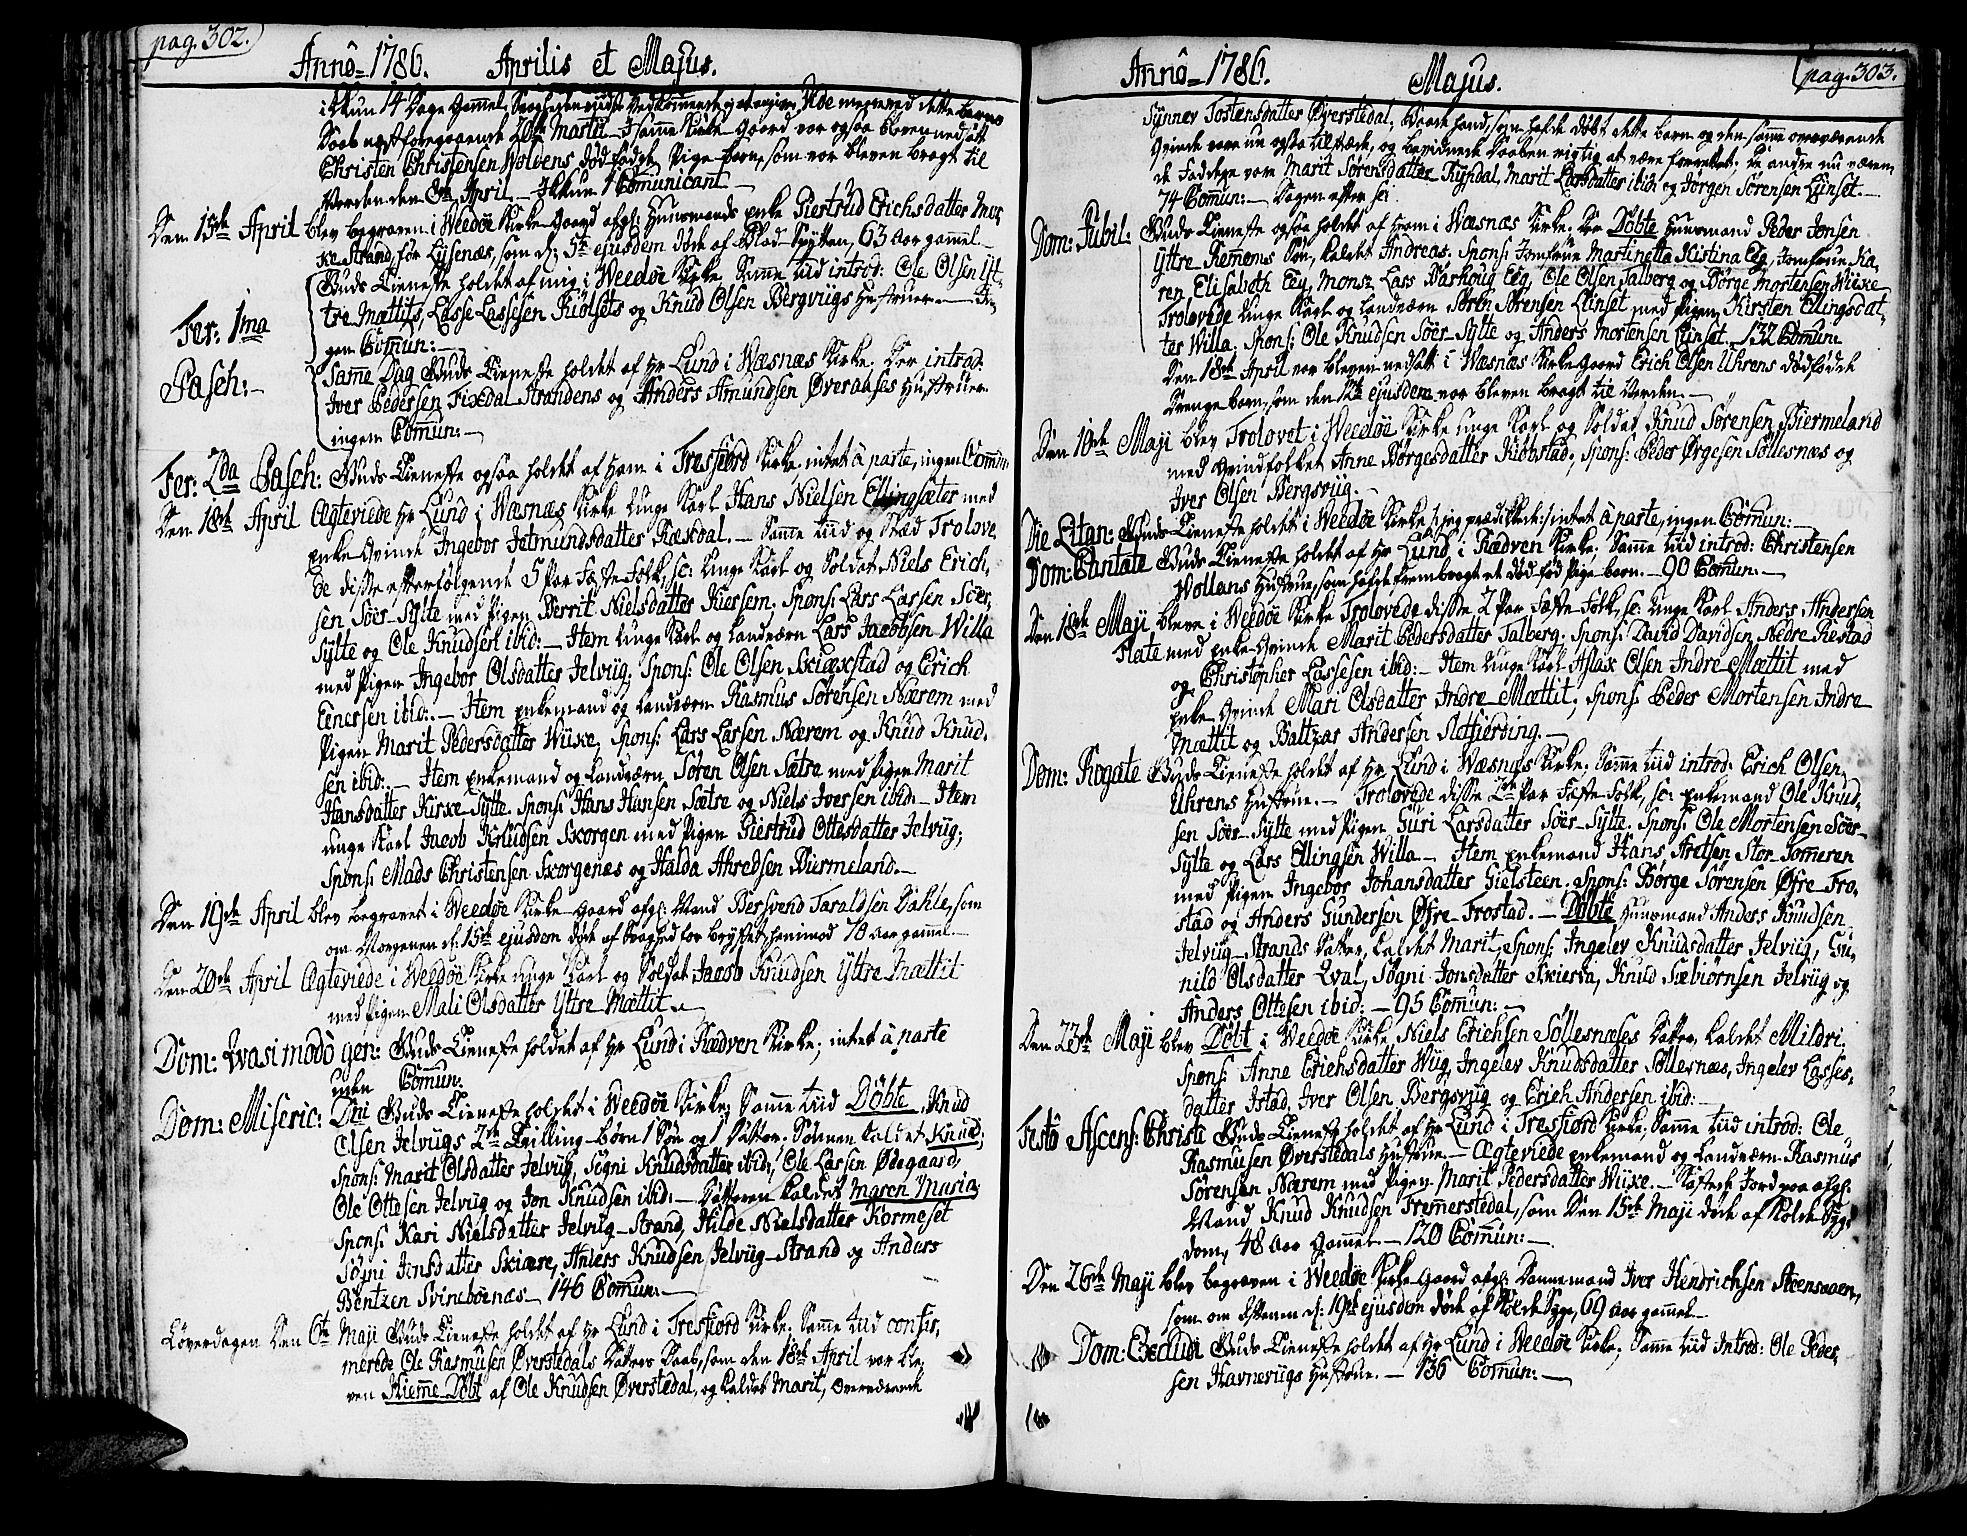 SAT, Ministerialprotokoller, klokkerbøker og fødselsregistre - Møre og Romsdal, 547/L0600: Parish register (official) no. 547A02, 1765-1799, p. 302-303